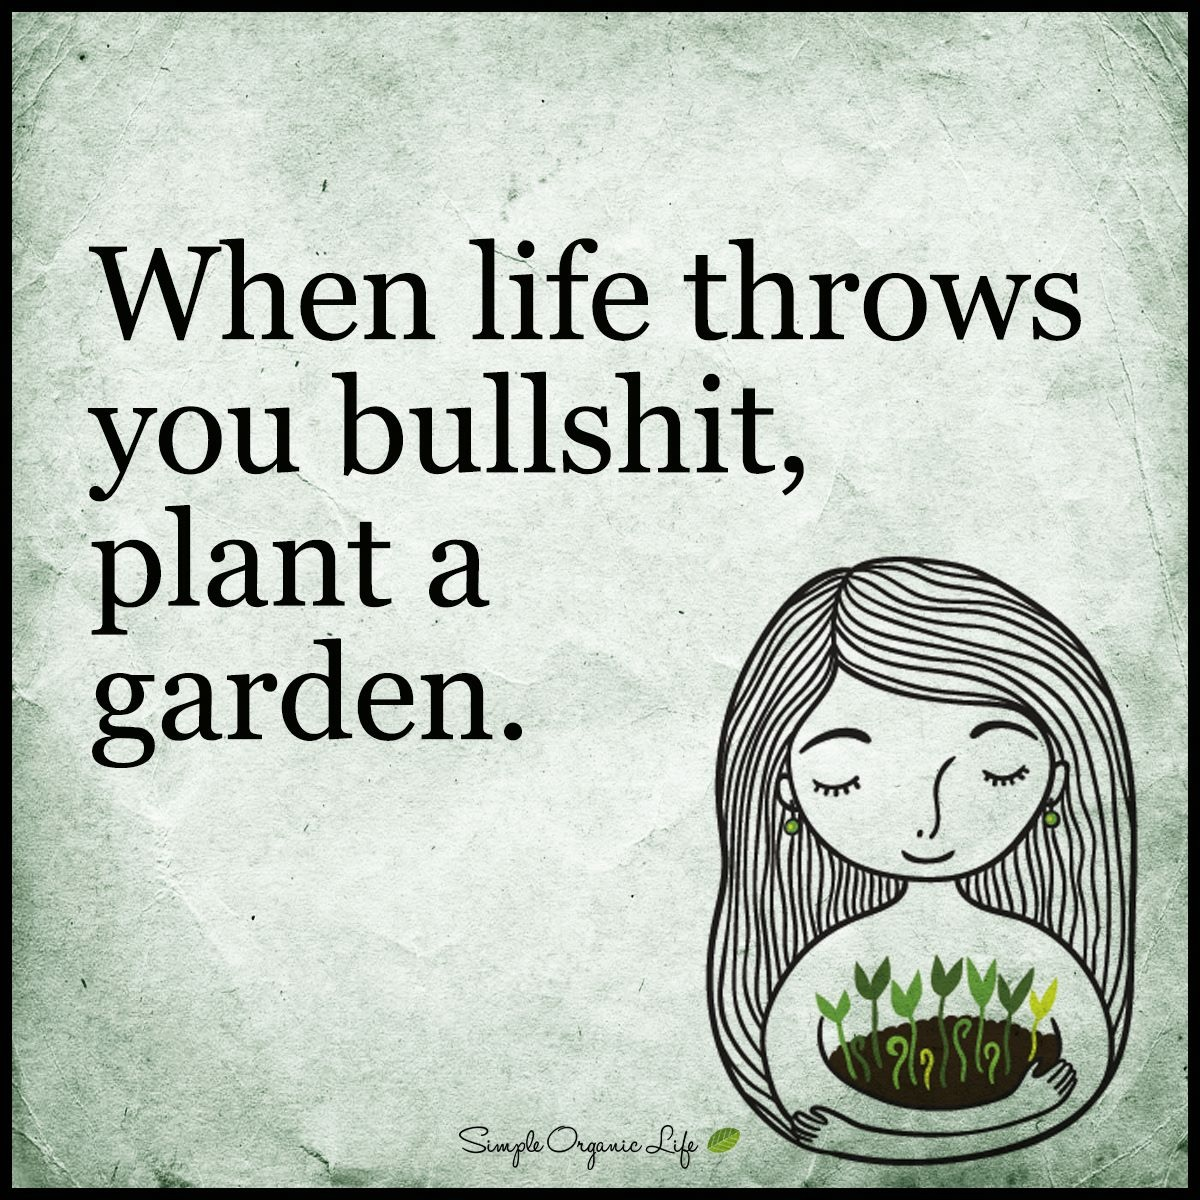 bullshit plant a garden